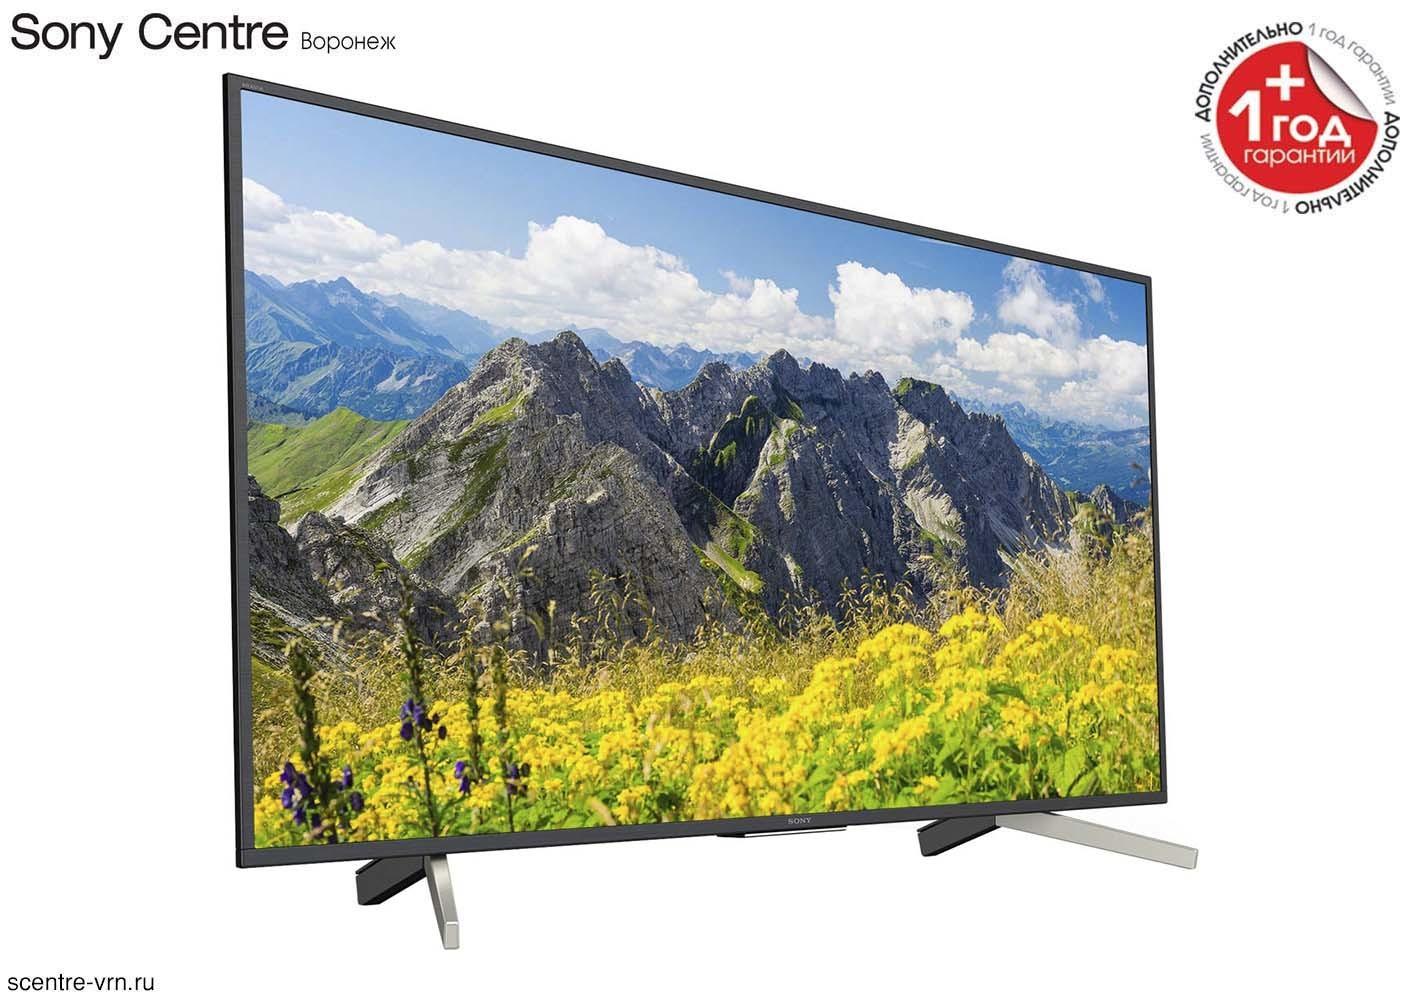 Купить телевизор Sony KD65XF7096 в Sony Centre Воронеж